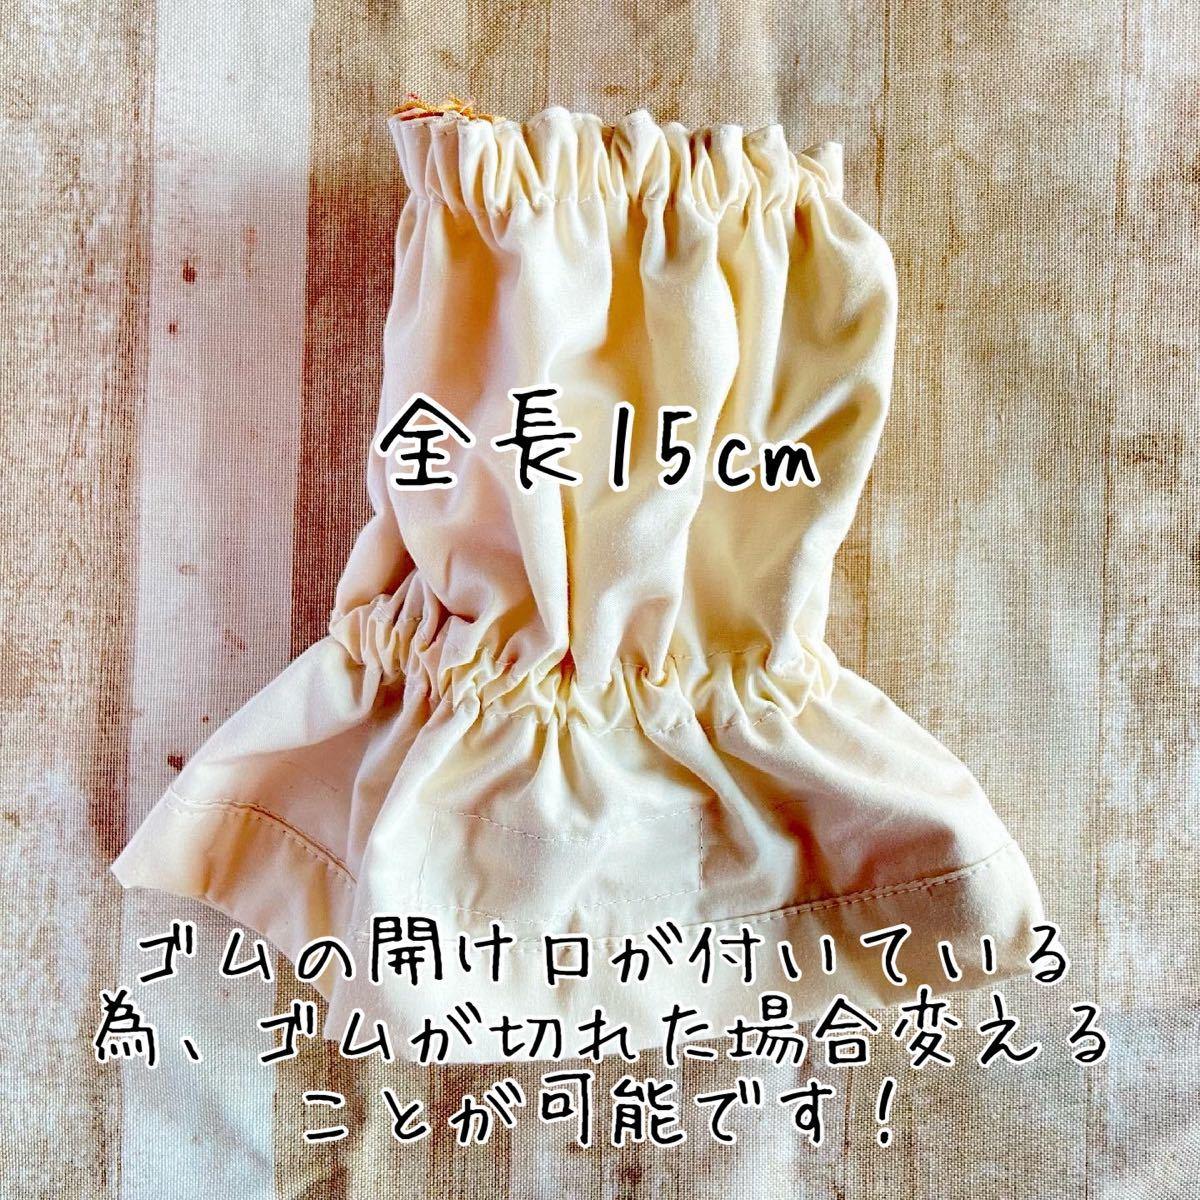 《ハンドメイド》トースト柄の目玉焼きアームカバー キッチン用品 キッチン ハンドメイド